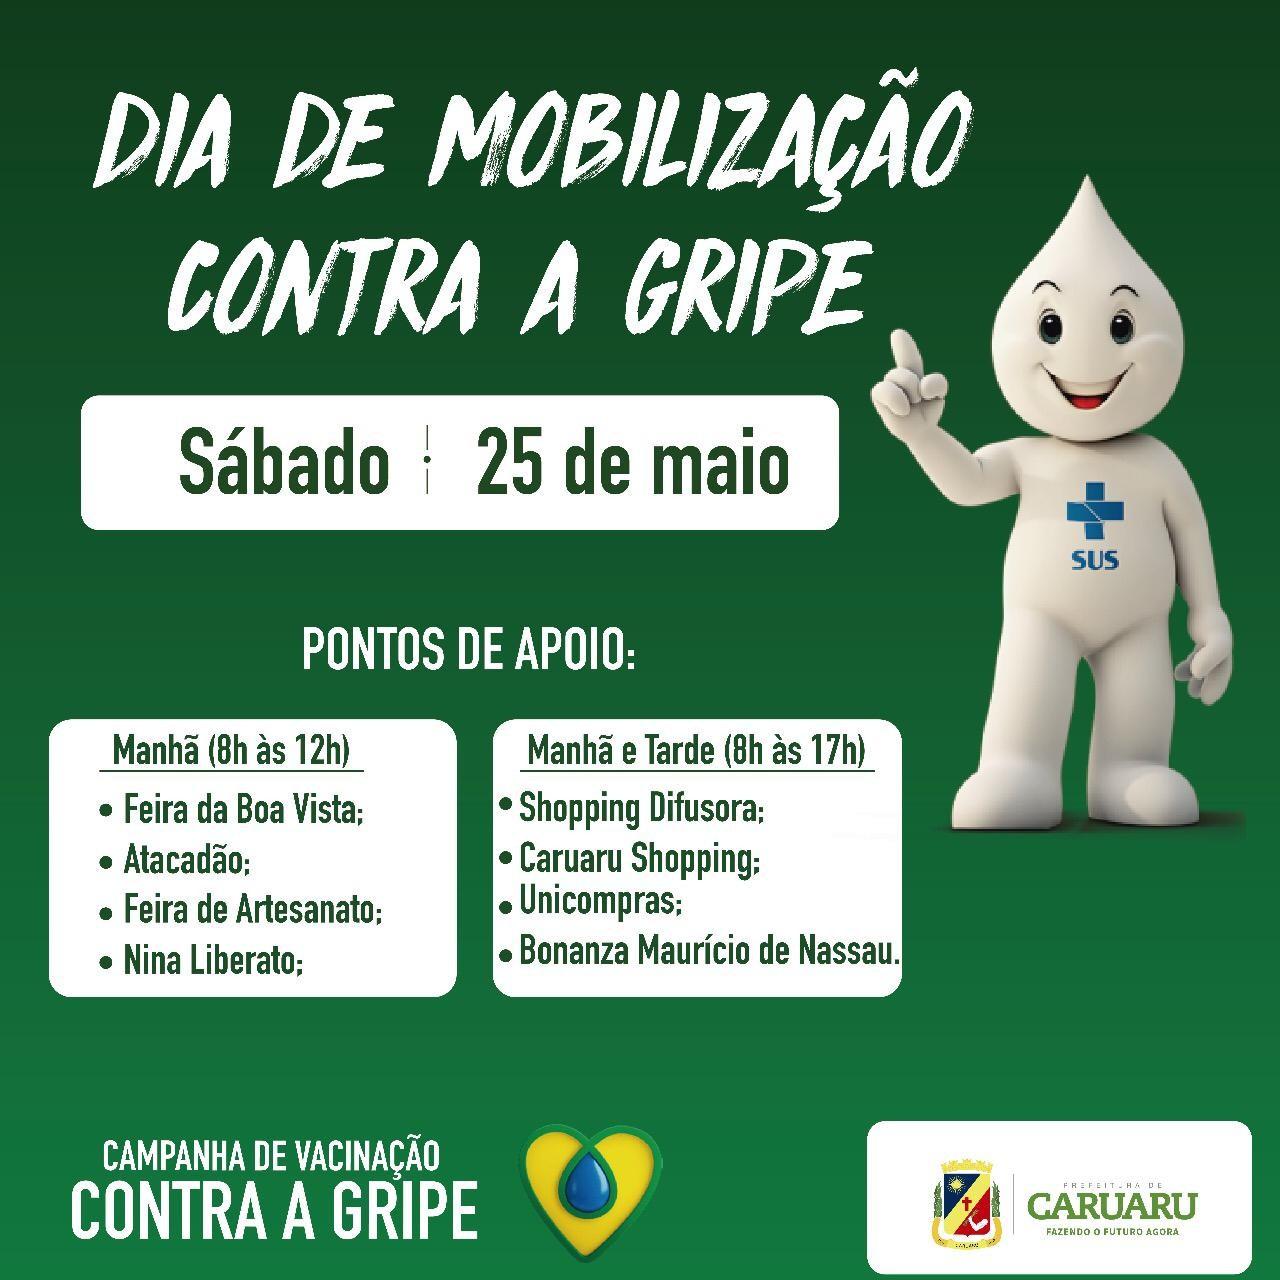 Dia de Mobilização contra gripe é realizado em Caruaru